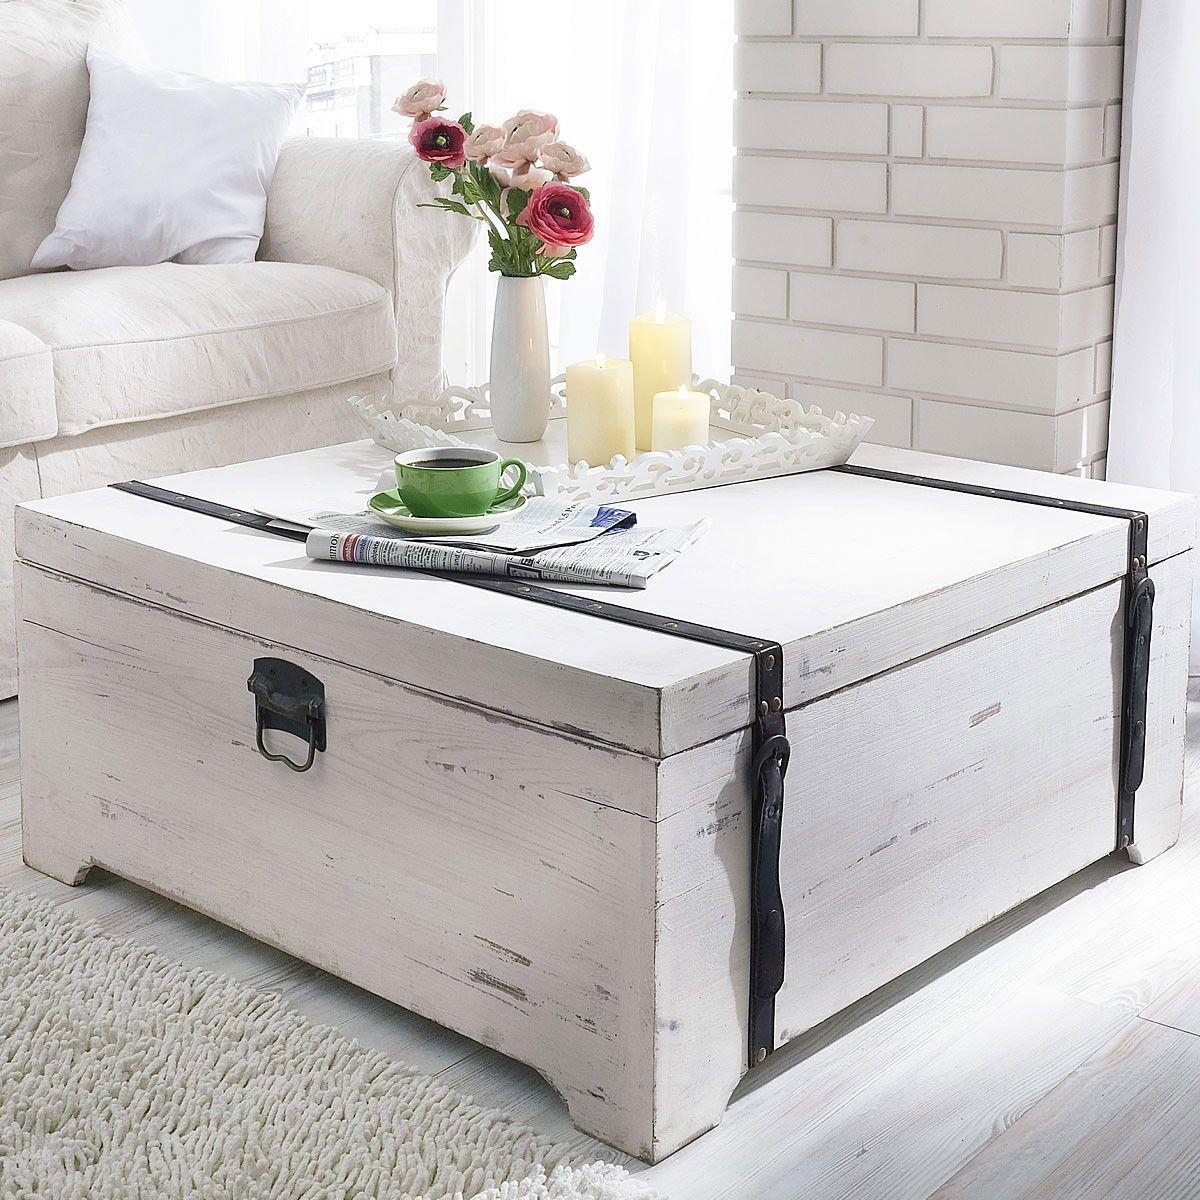 couchtisch truhe white von liamare living pinterest couchtisch truhe truhe und couchtische. Black Bedroom Furniture Sets. Home Design Ideas